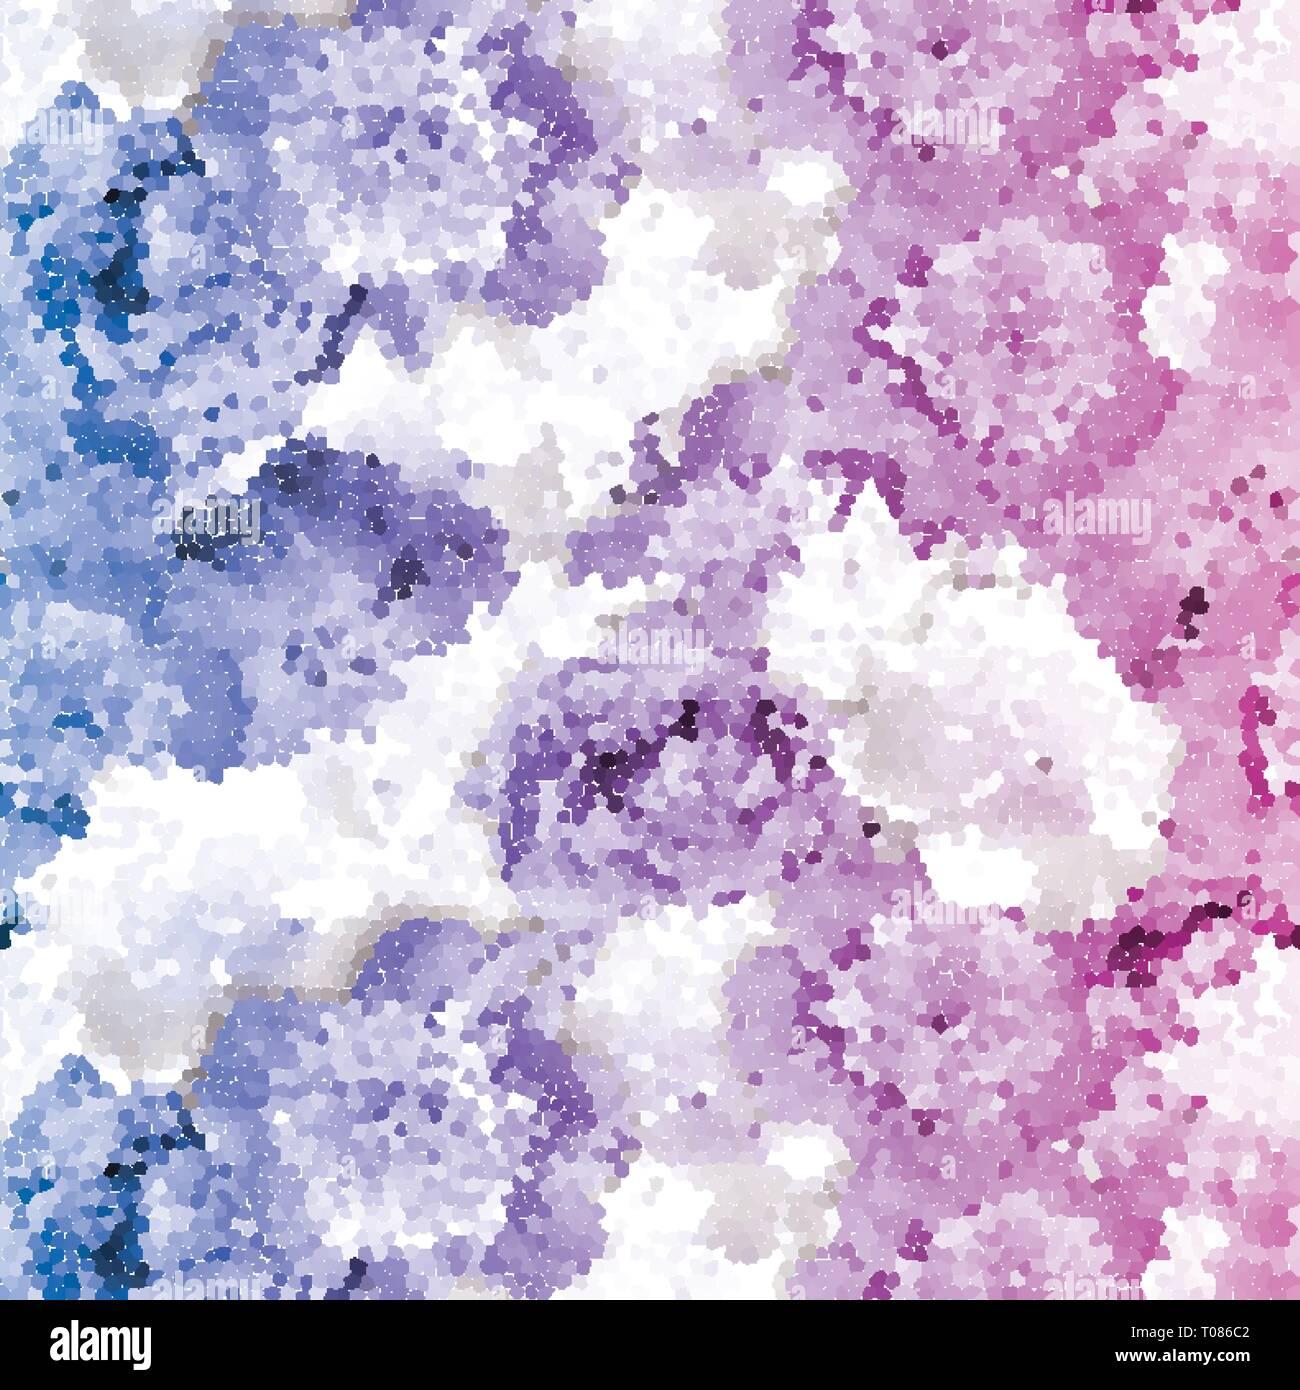 Nahtlose pfingstrose Mosaik. Rosa Blau Blume Muster Stockbild